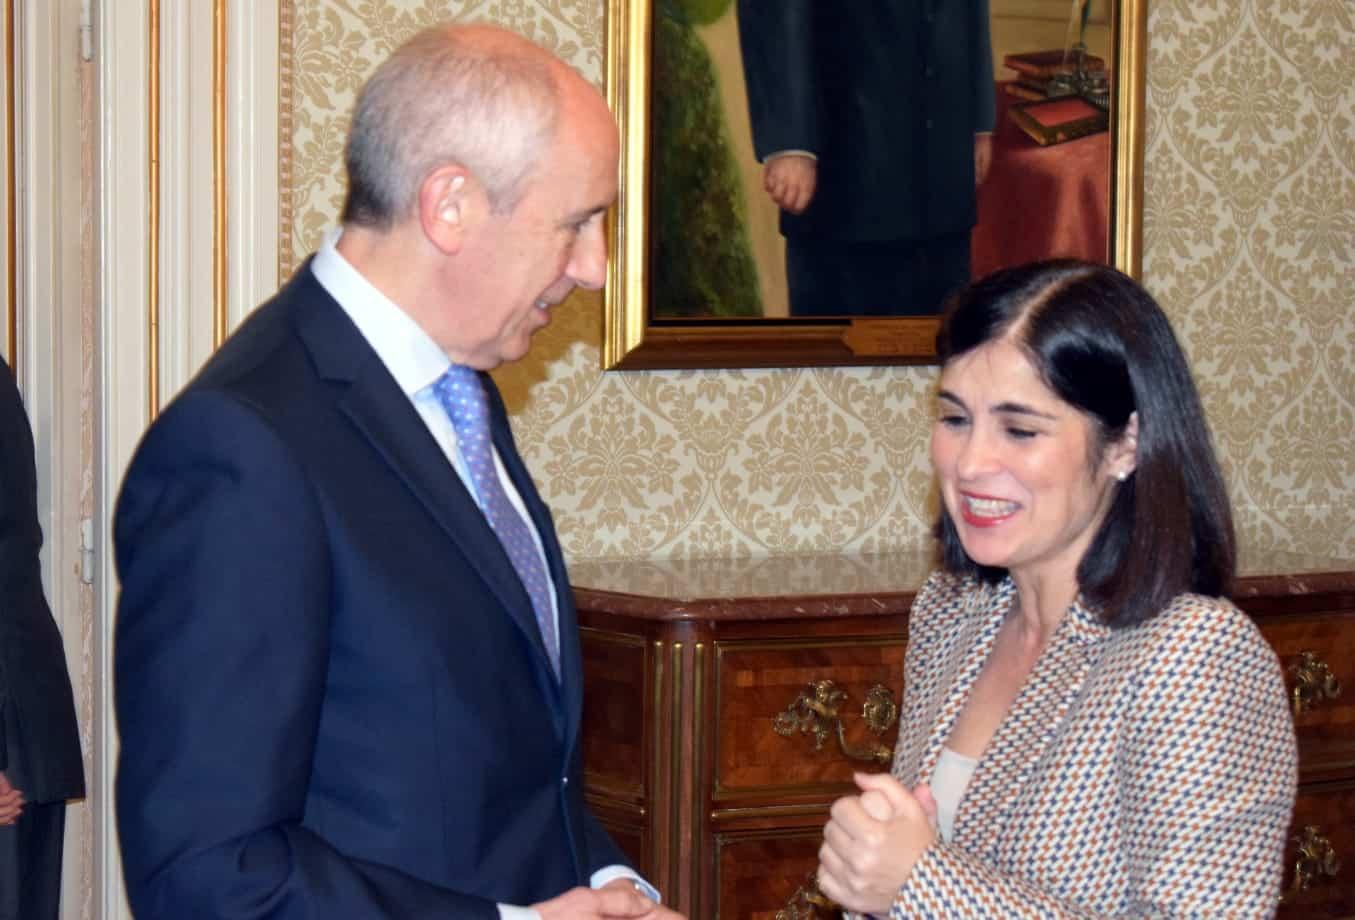 El consejero de Autogobierno, Josu Erkoreka, junto a la ministra de Política territorial, Carolina Darias.